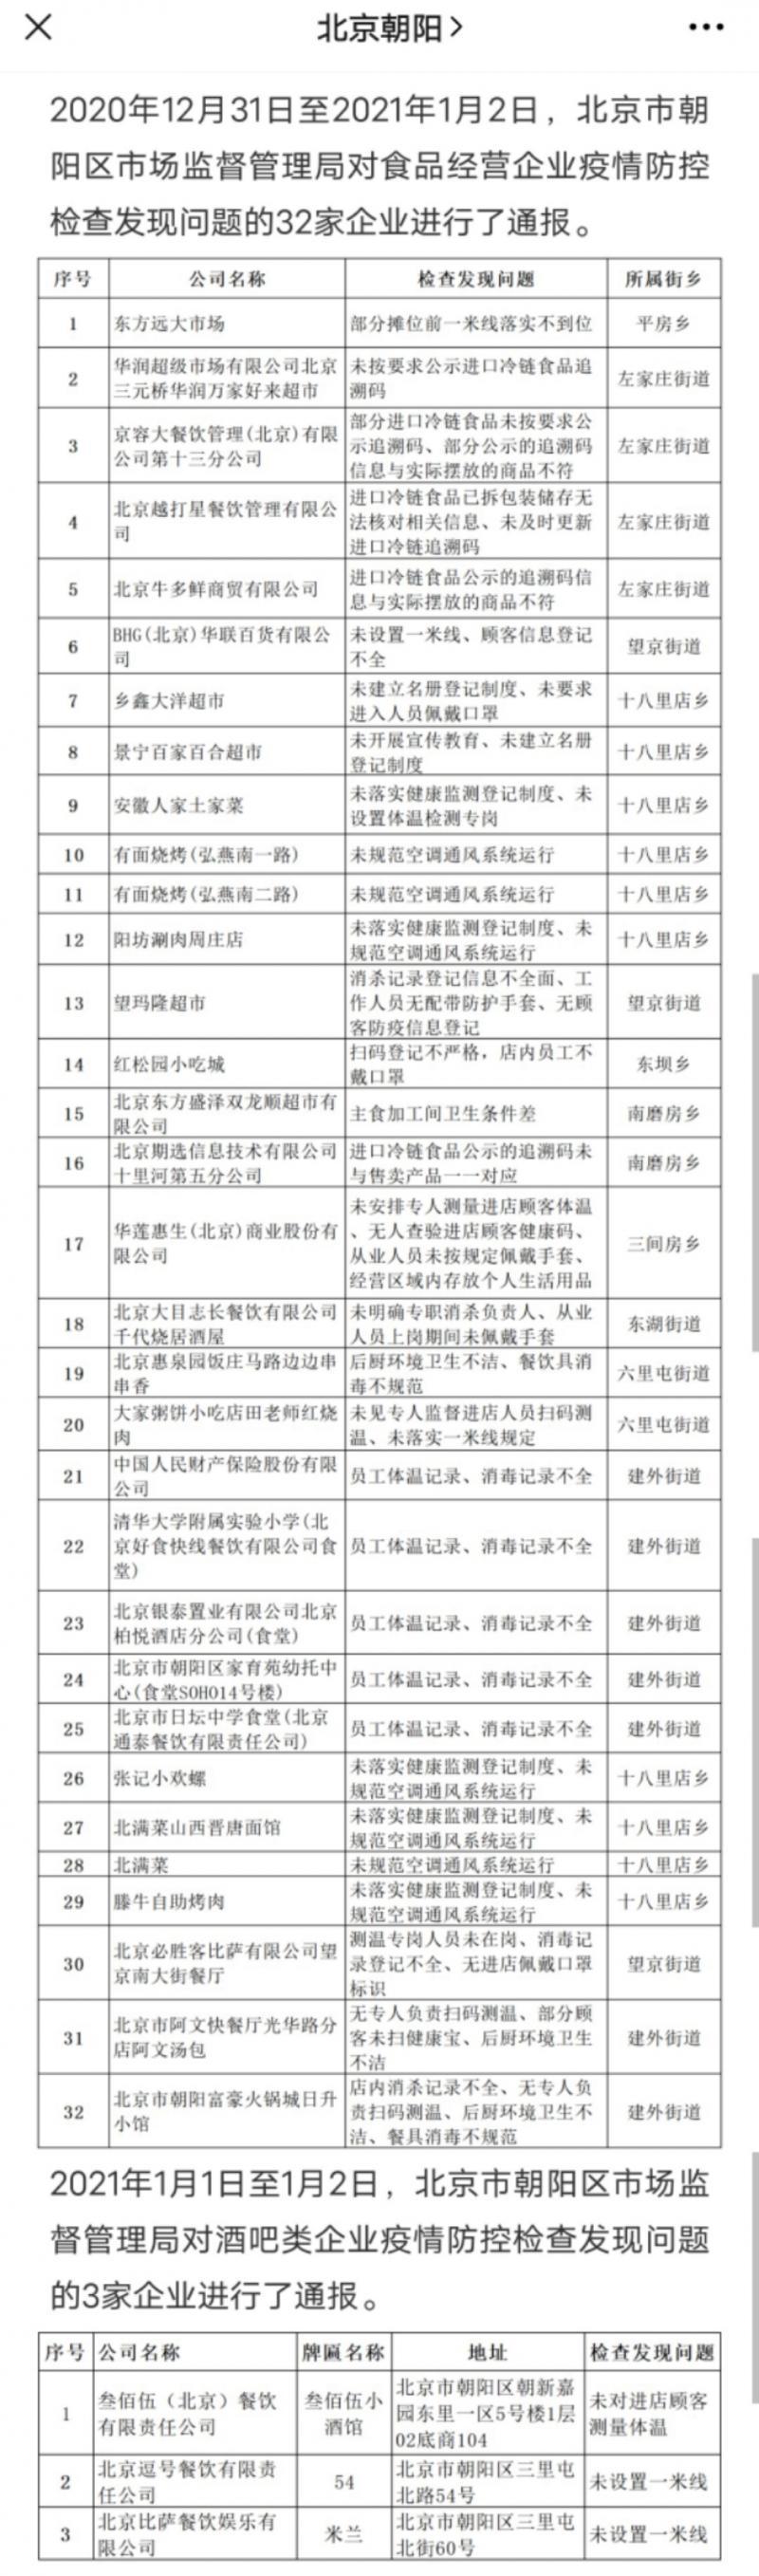 每经午时   北京朝阳通报35家未落实疫情防控责任企业;江苏海安疾控公告:排查追踪一例北京确诊病例密接者的密接者